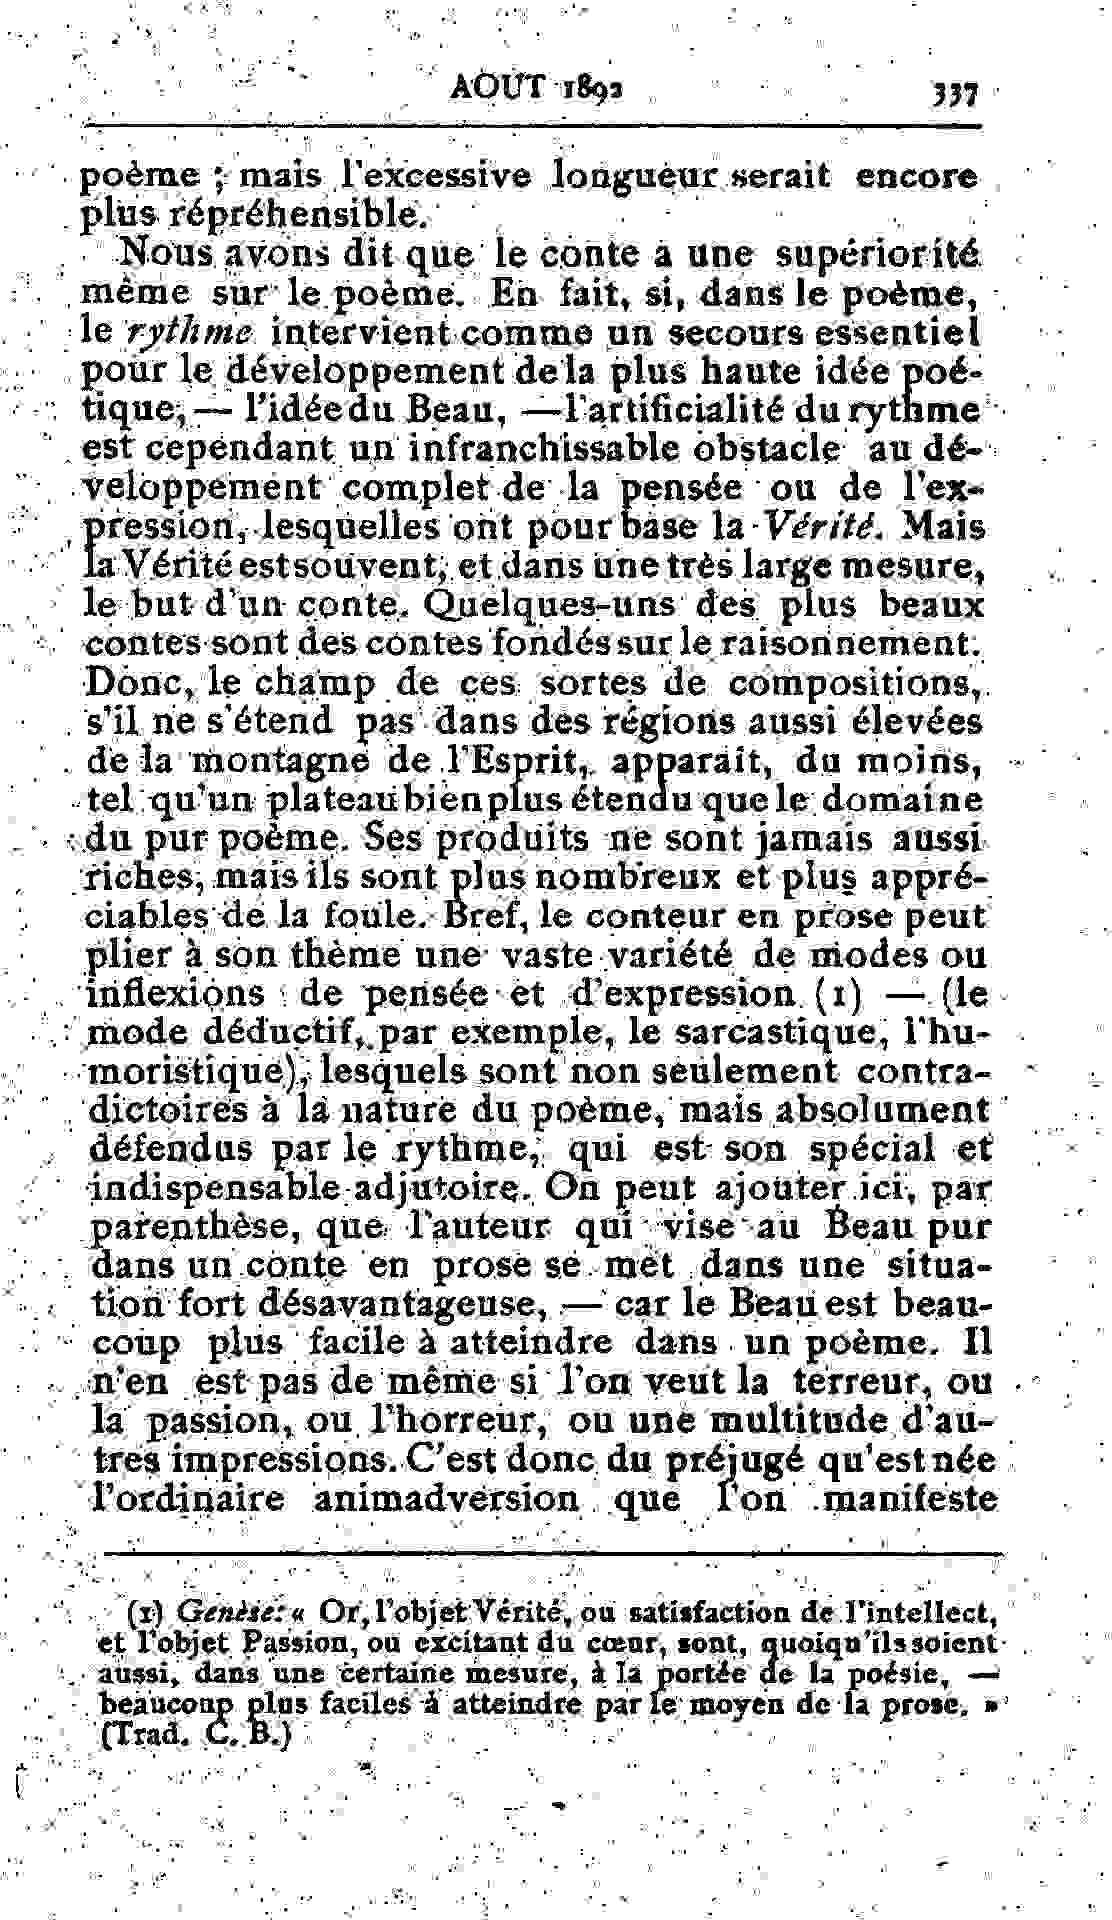 Pagemercure De France Tome 005 1892 Page 337jpg Mercurewiki